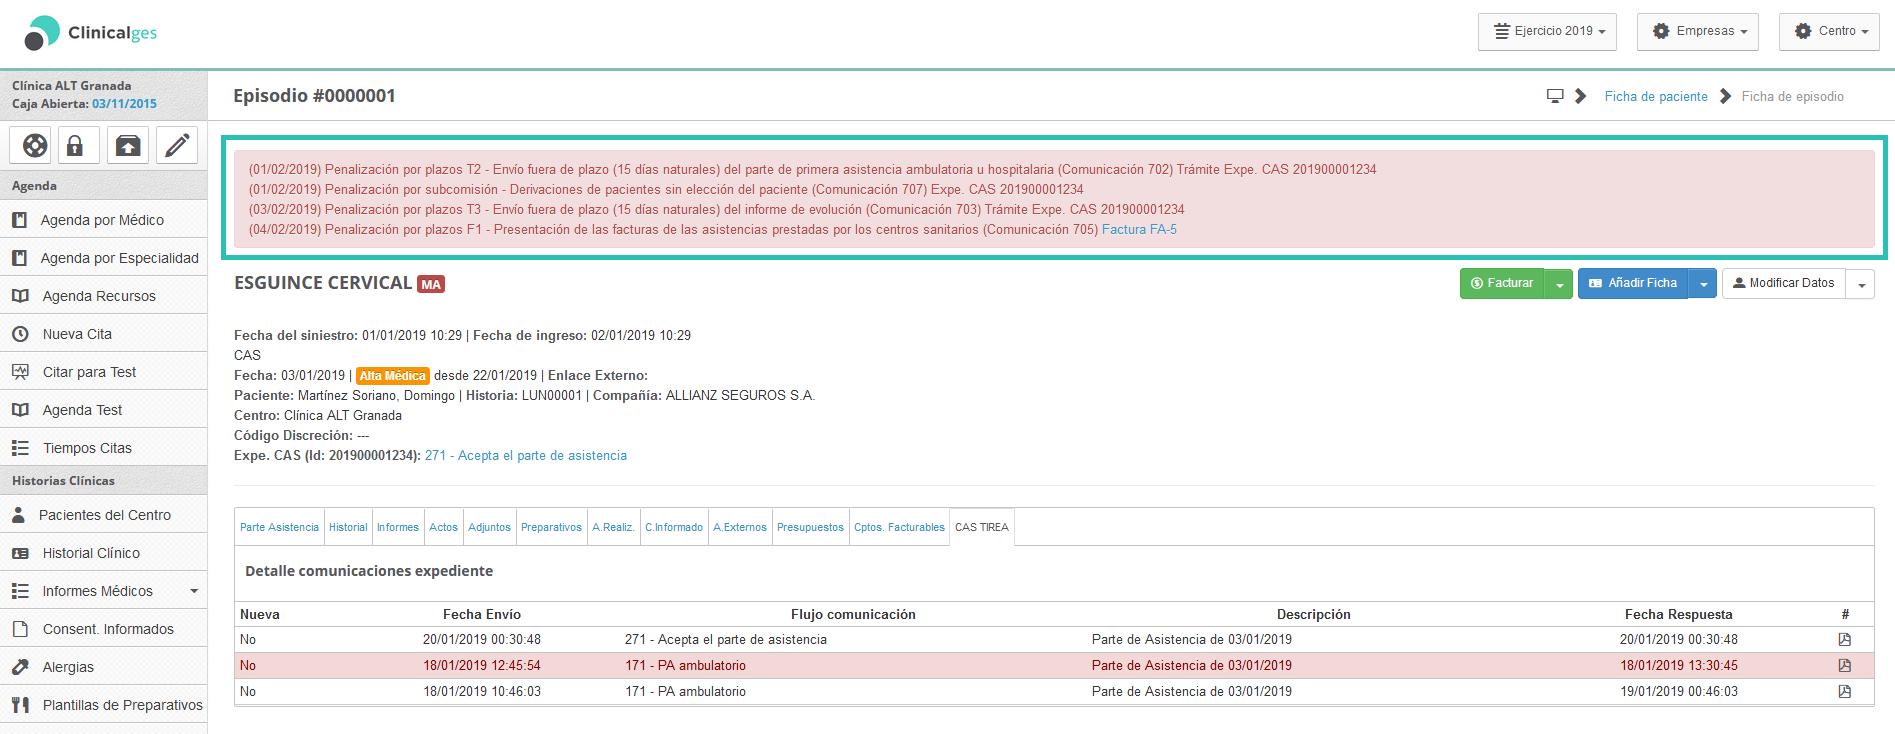 imagen de listado de comunicaciones de penalizaciones en Clinicalges